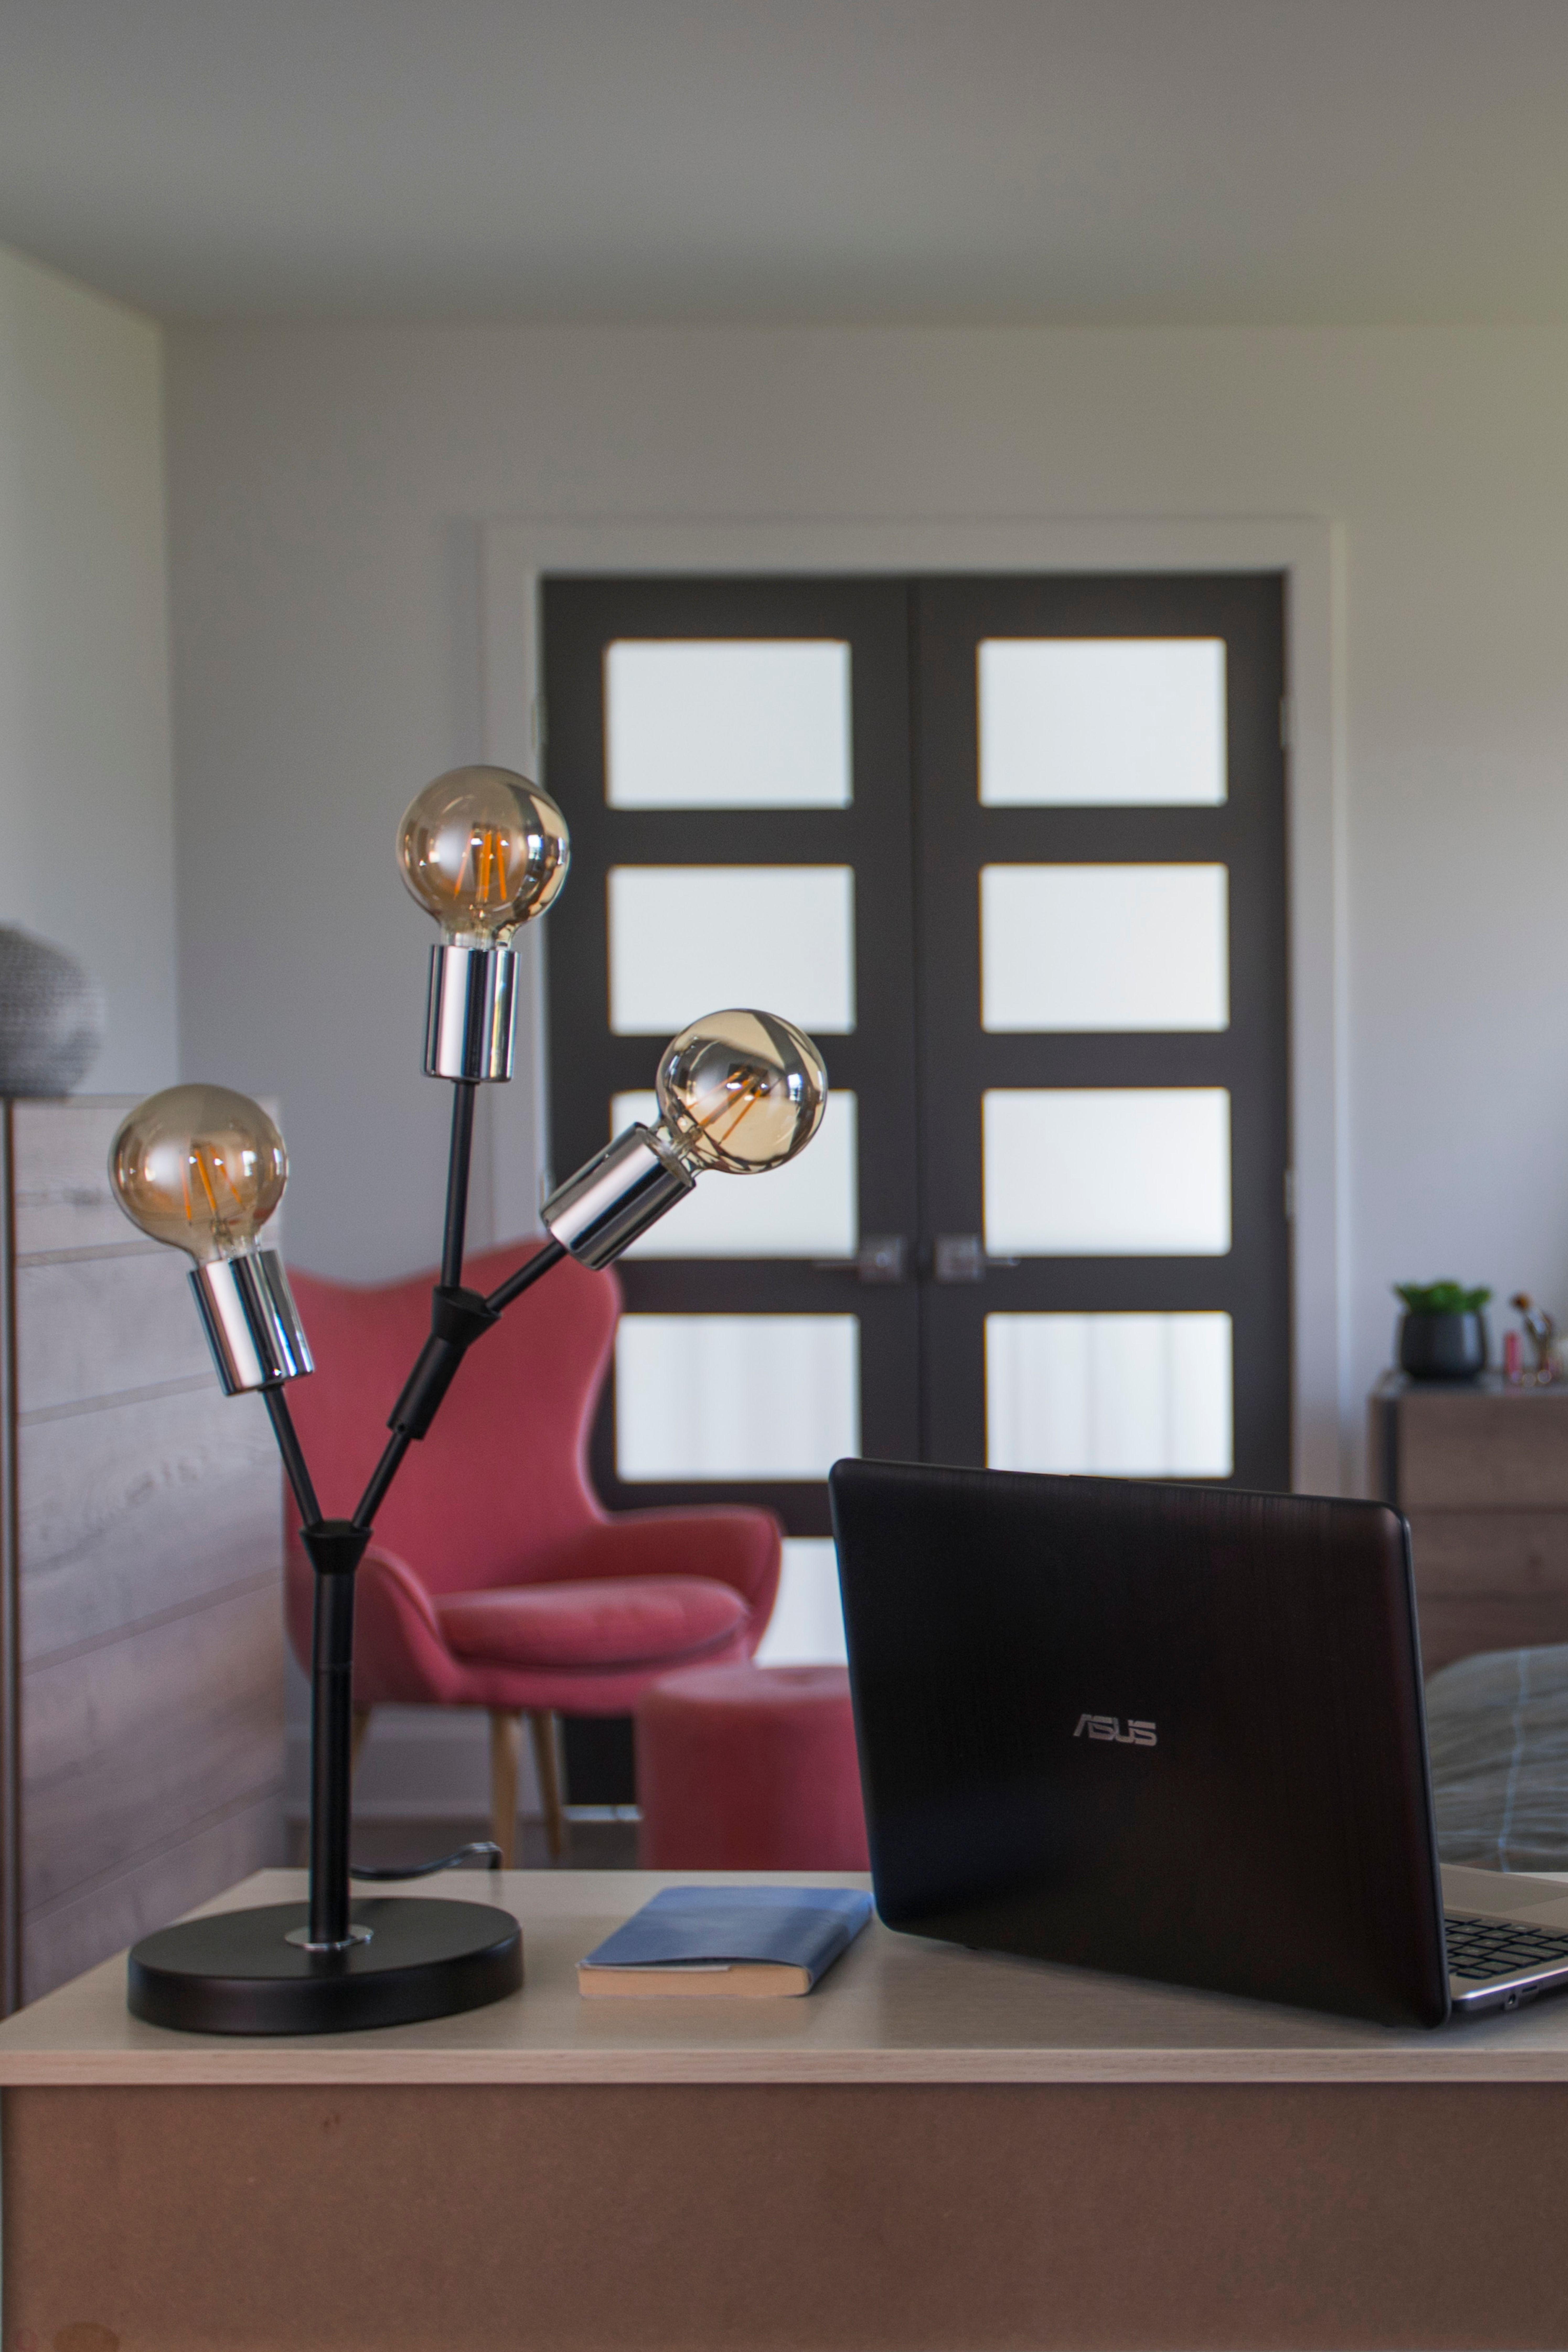 Lampe De Bureau Lamp Table Lamp Novelty Lamp